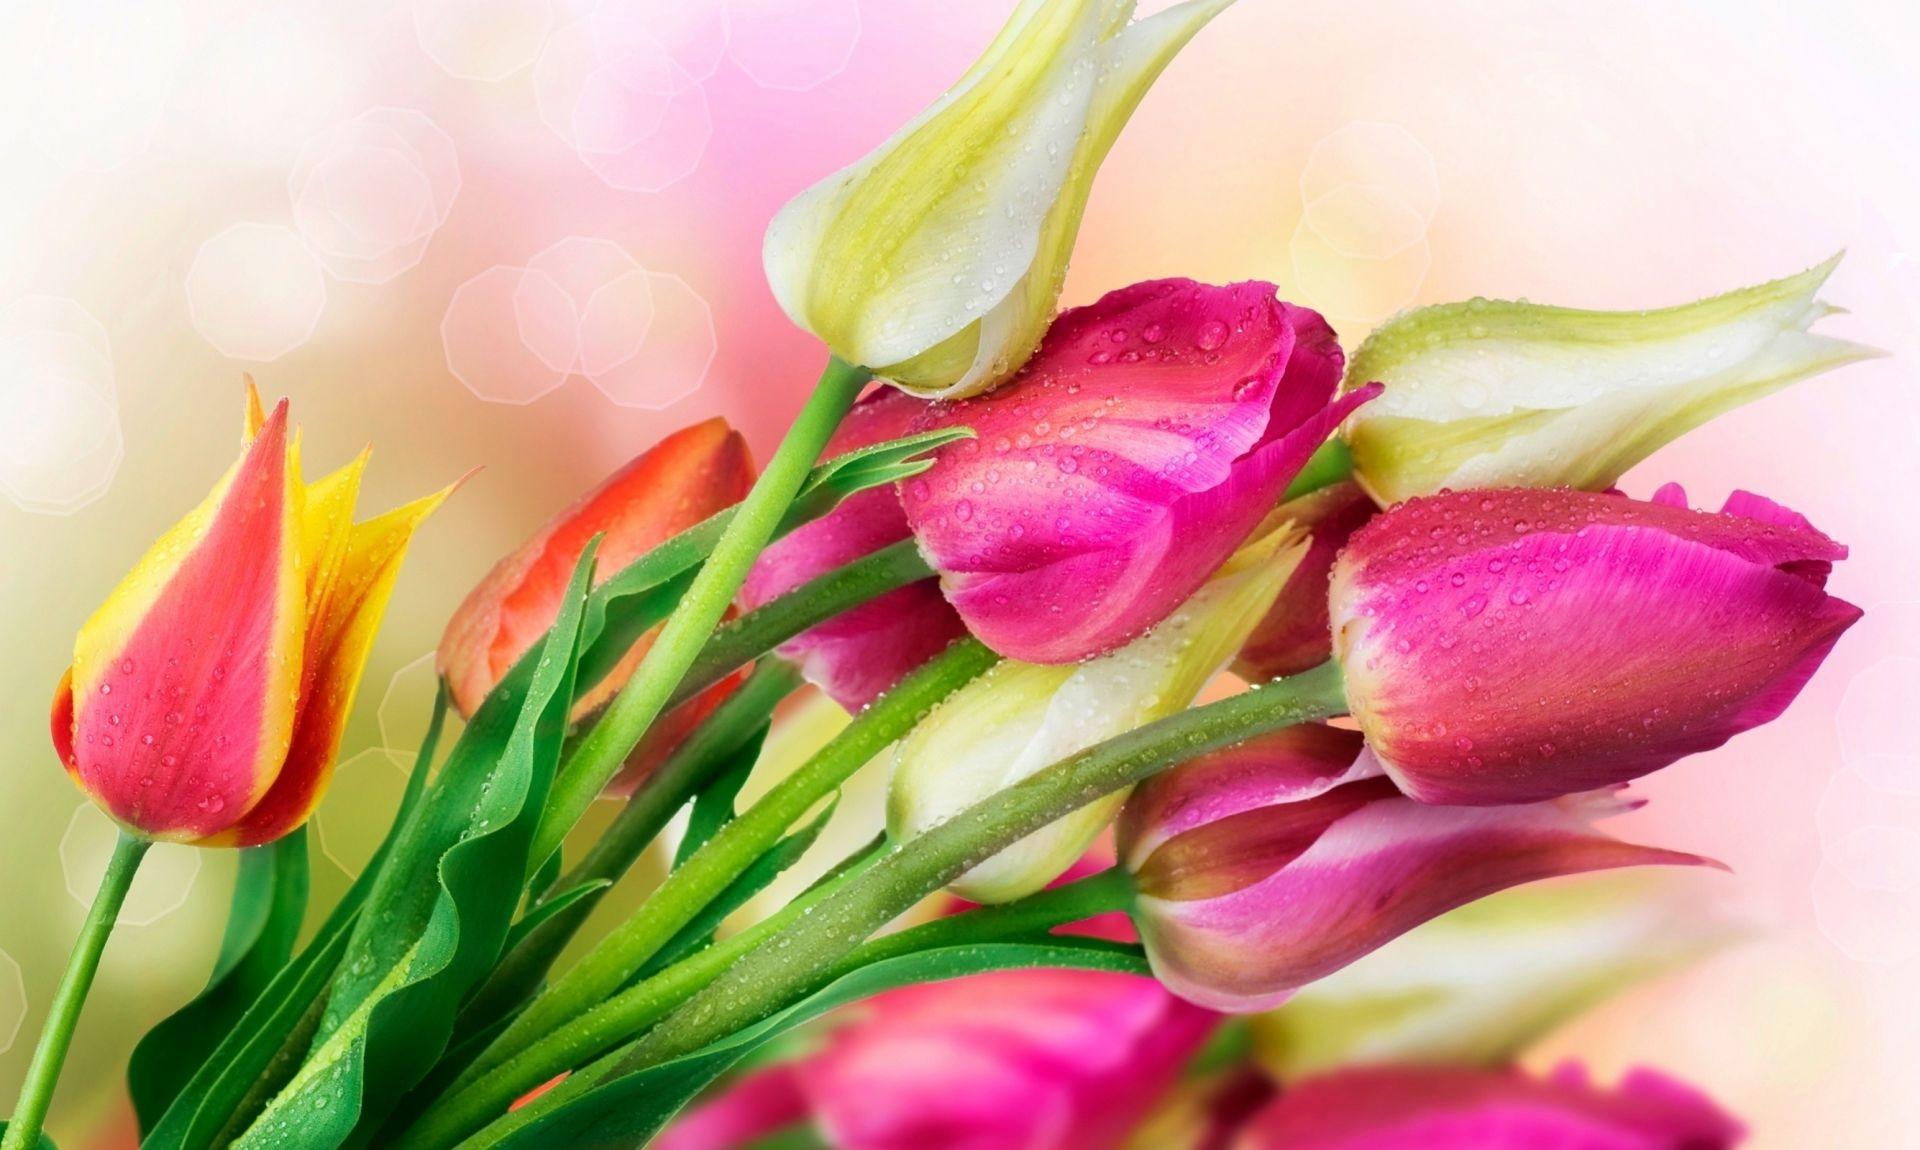 Картинки с тюльпанами на рабочий стол во весь экран